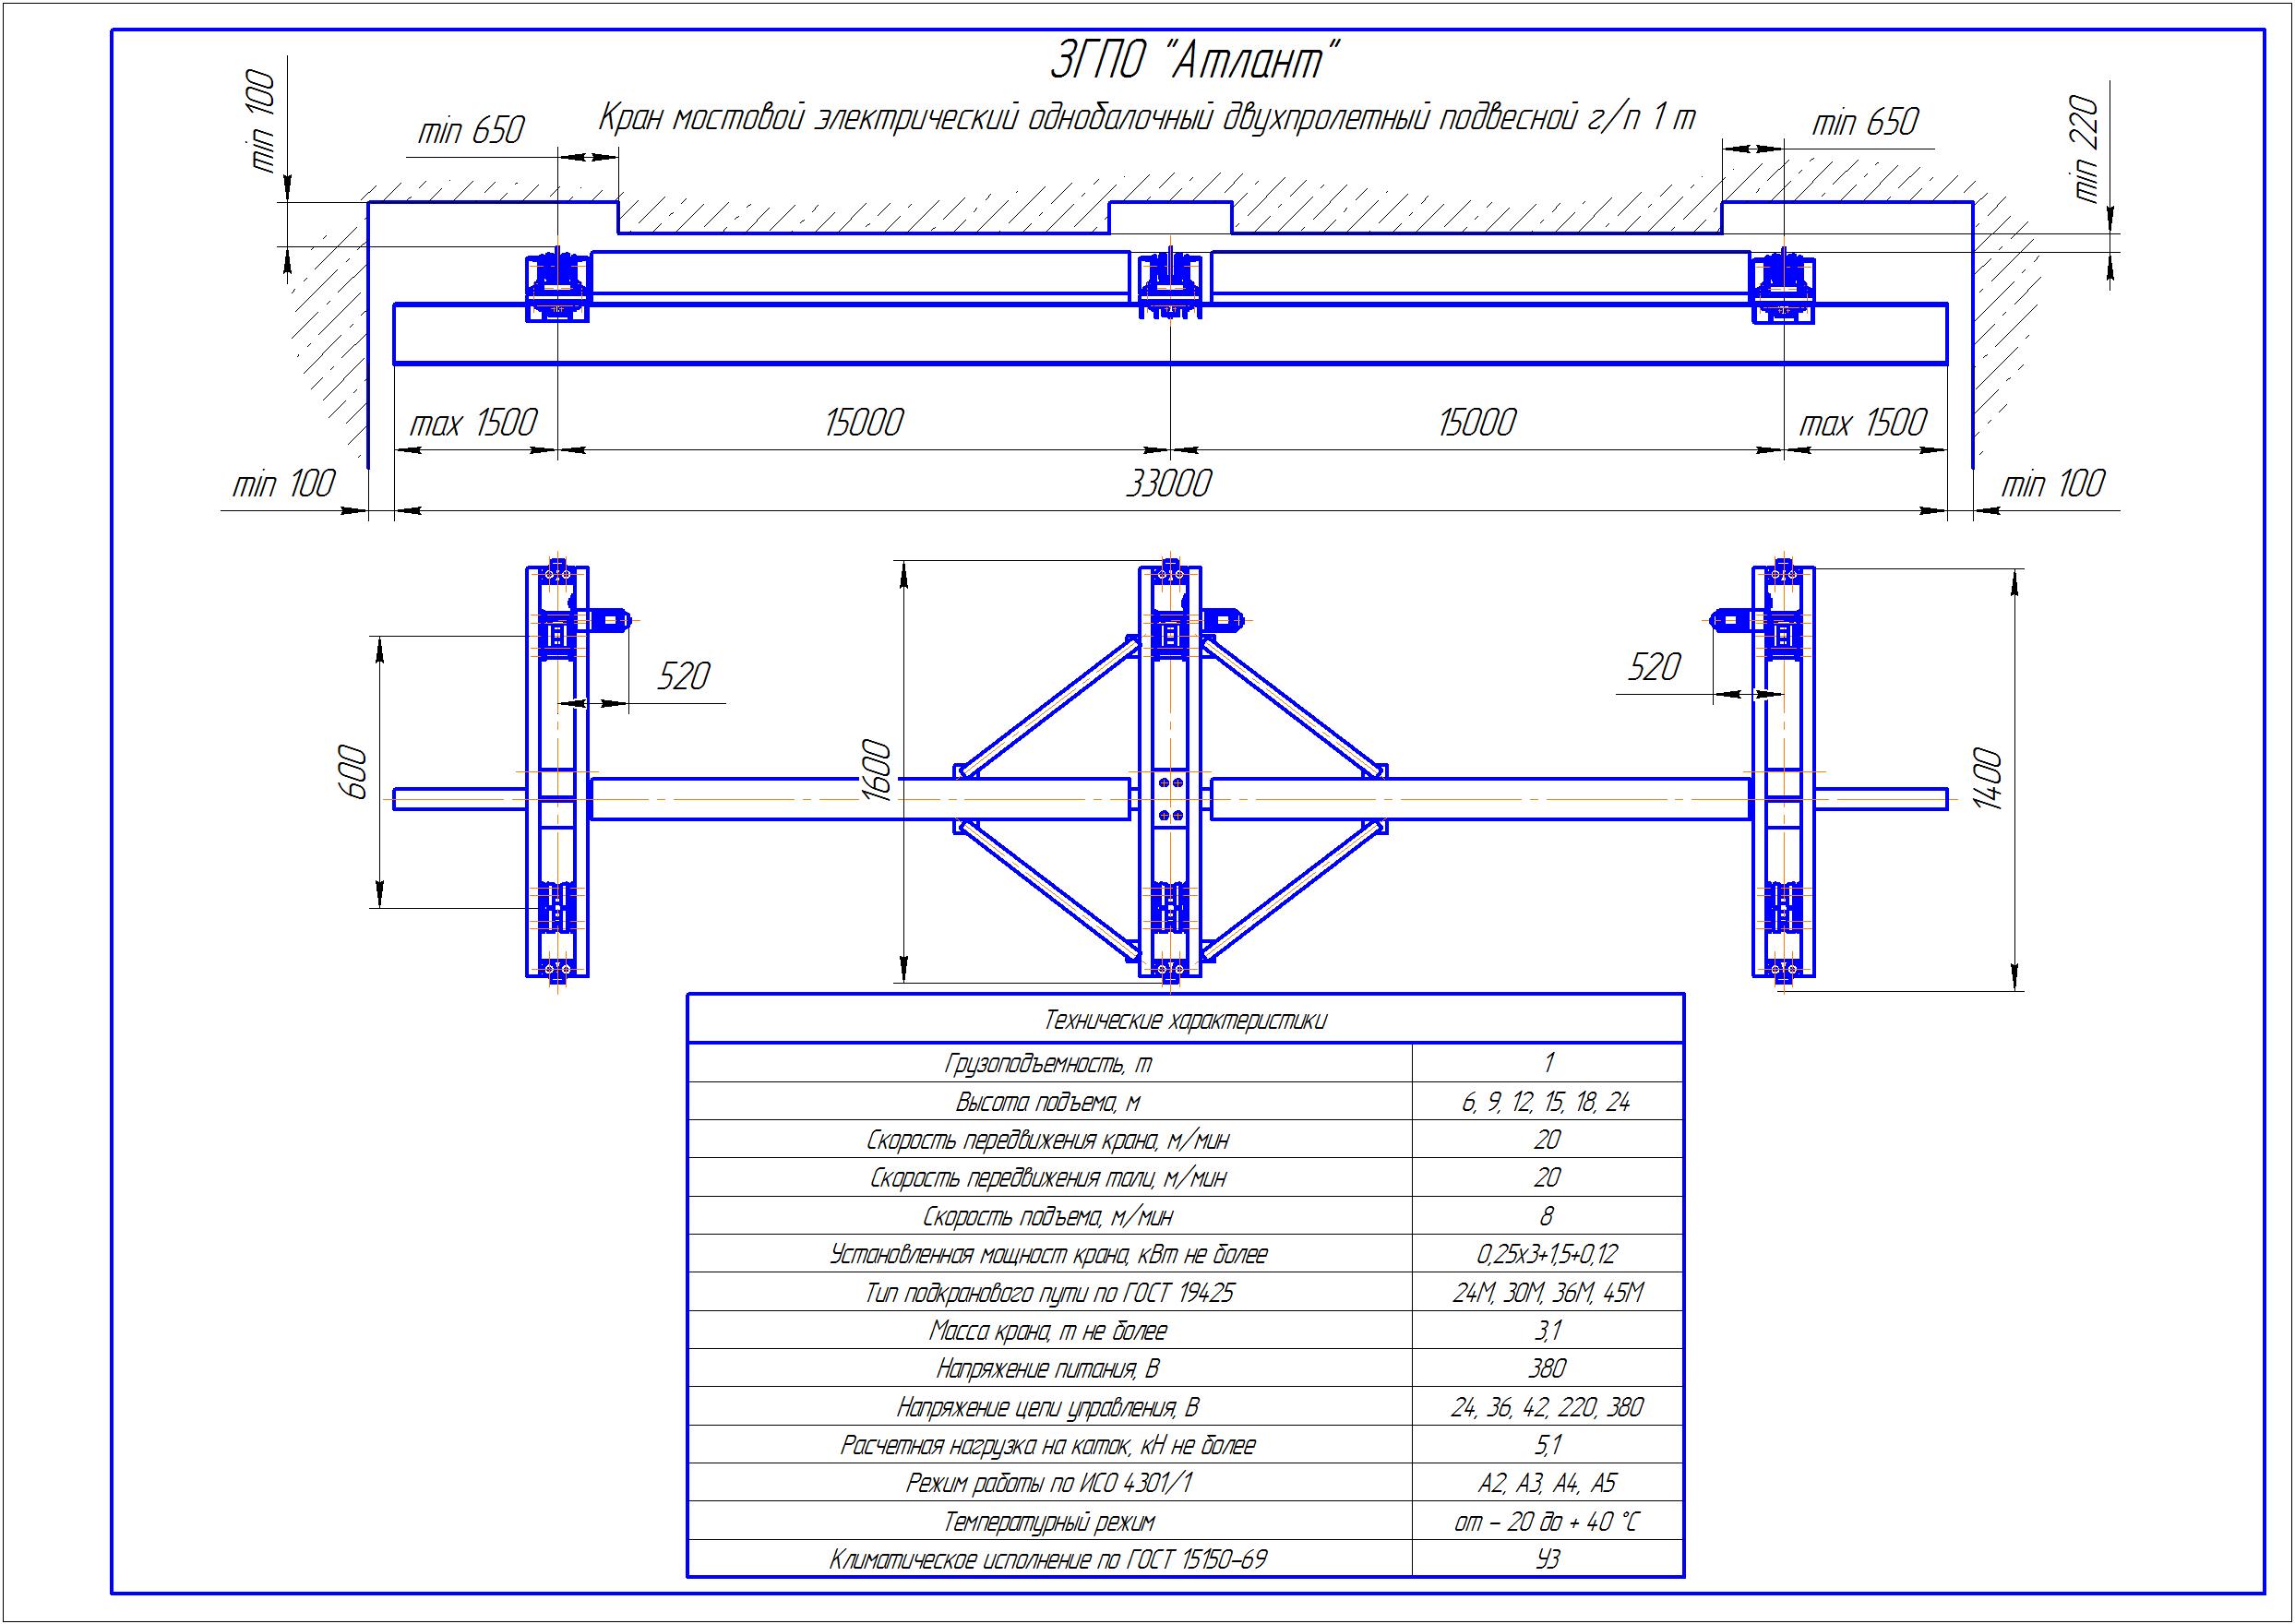 KBPD 1 5 - Подвесная кран балка двухпролетная